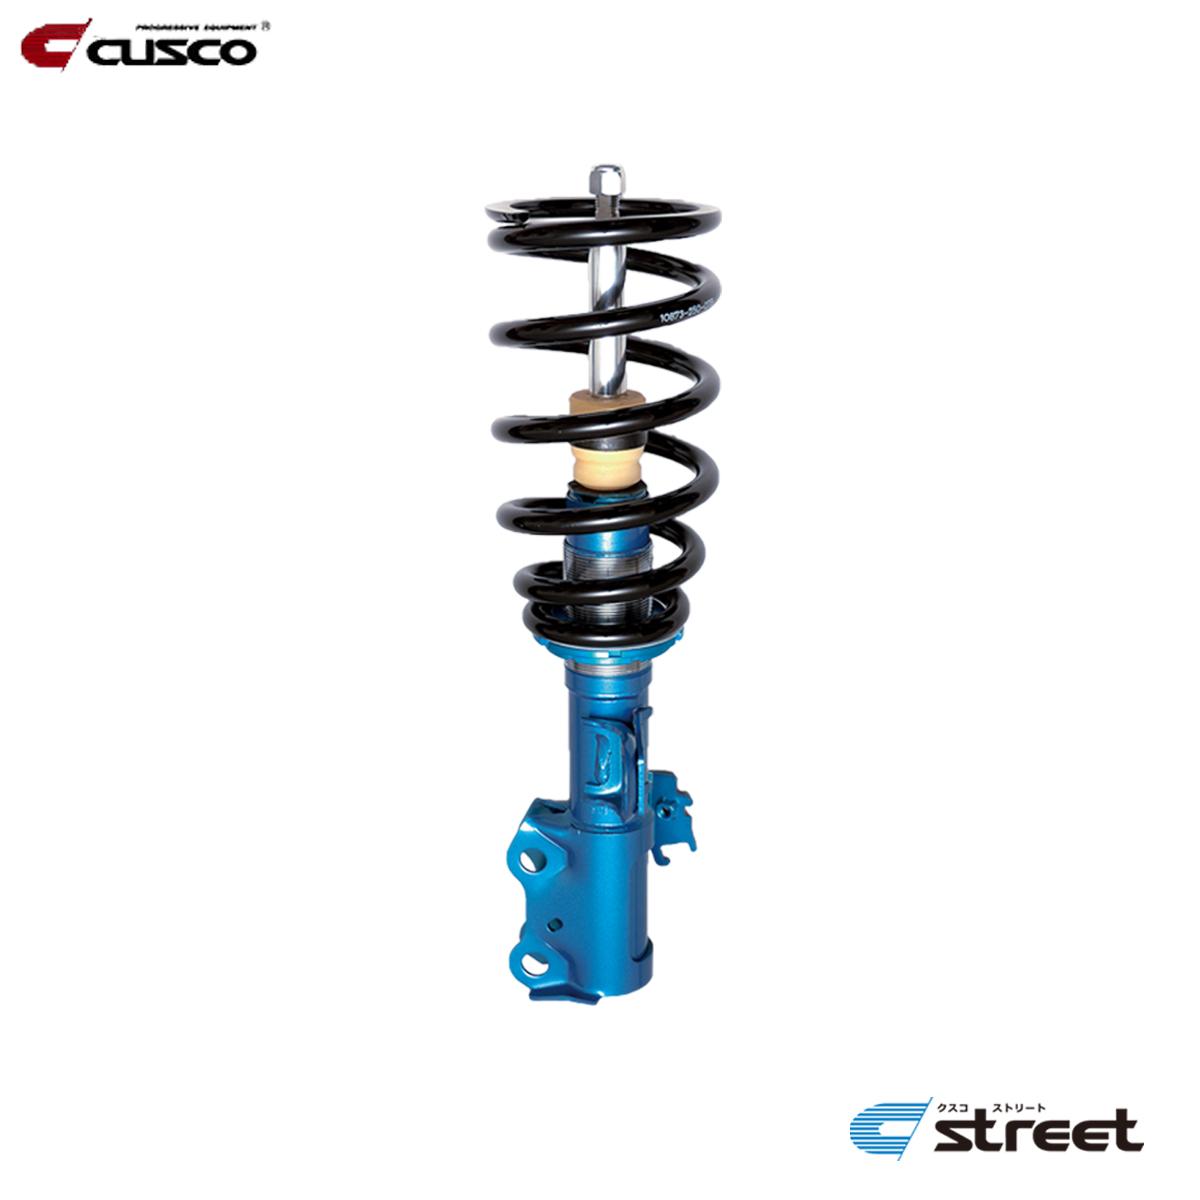 CUSCO クスコ N-ONE JG1 車高調 全長固定式 396-62K-CBA ストリートA STREET A